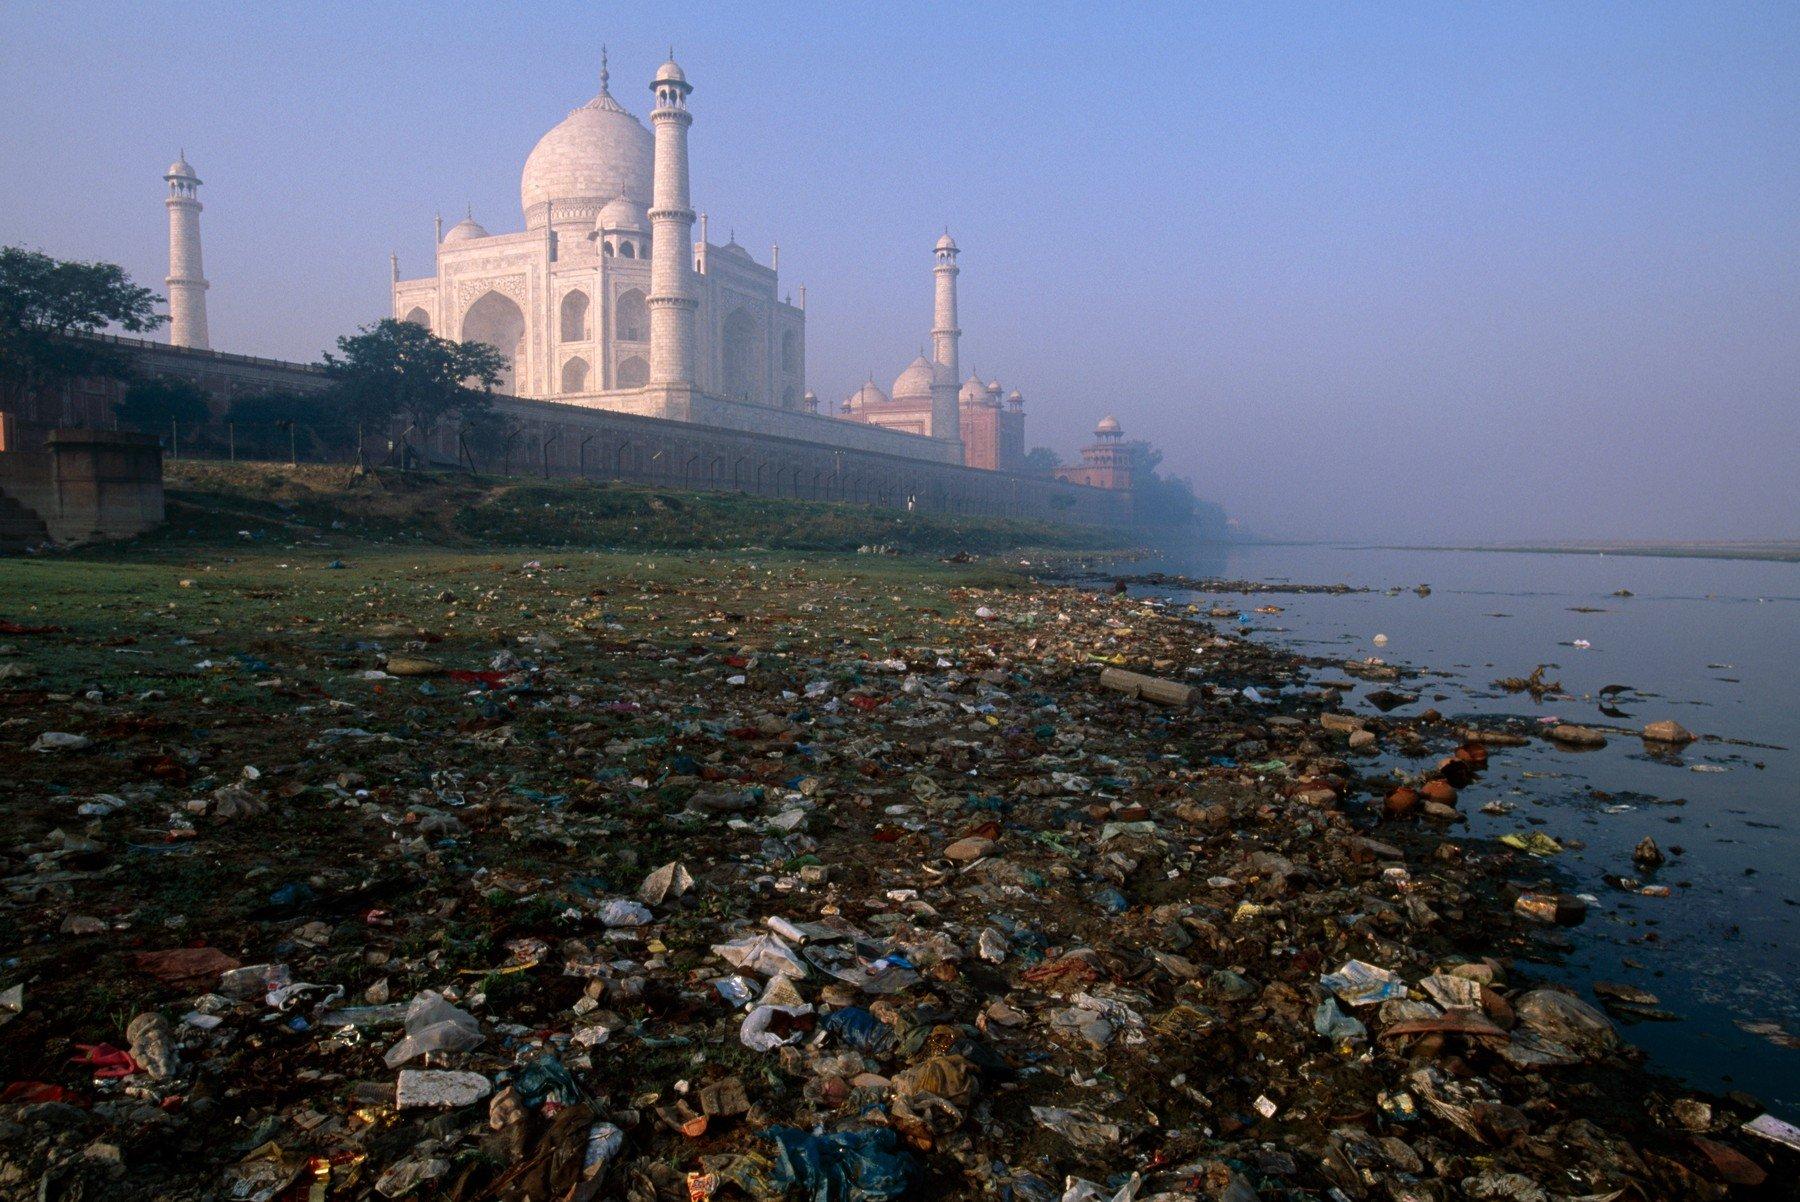 Smeće kraj Taj Mahala u Indiji